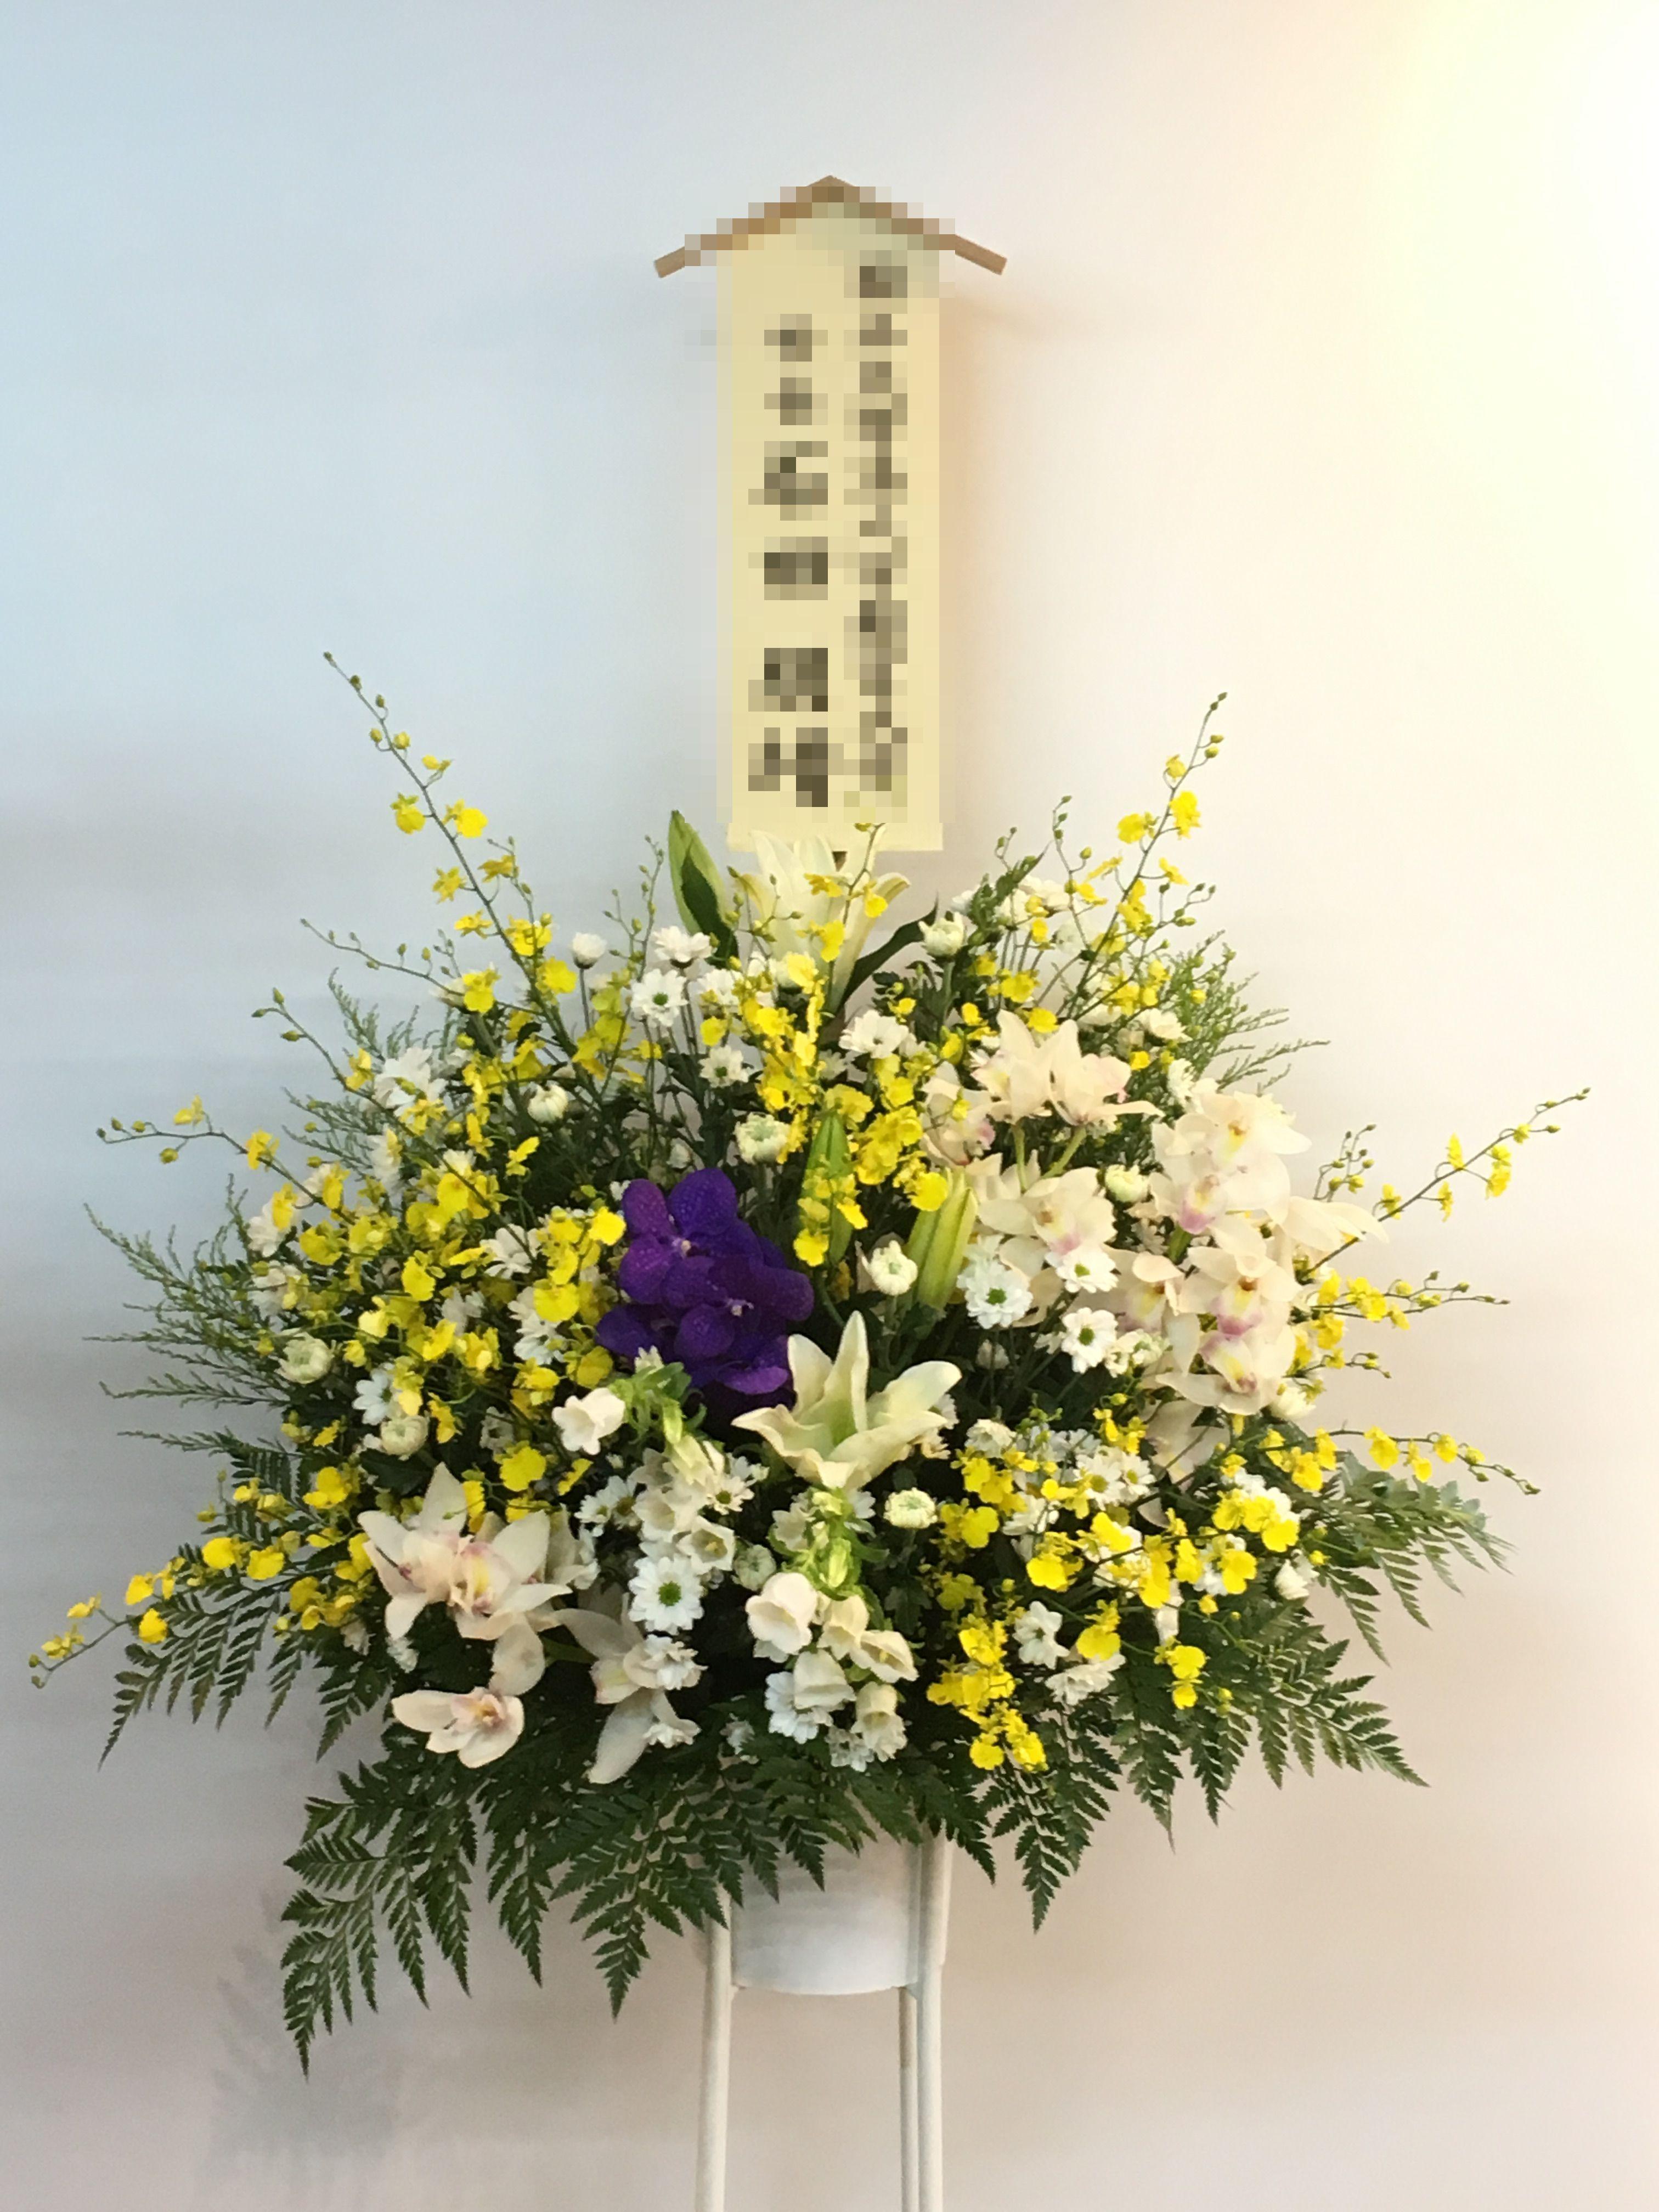 【ナオ花屋の納品事例29】横浜市関内の法人企業様よりお供え花を配達しました。